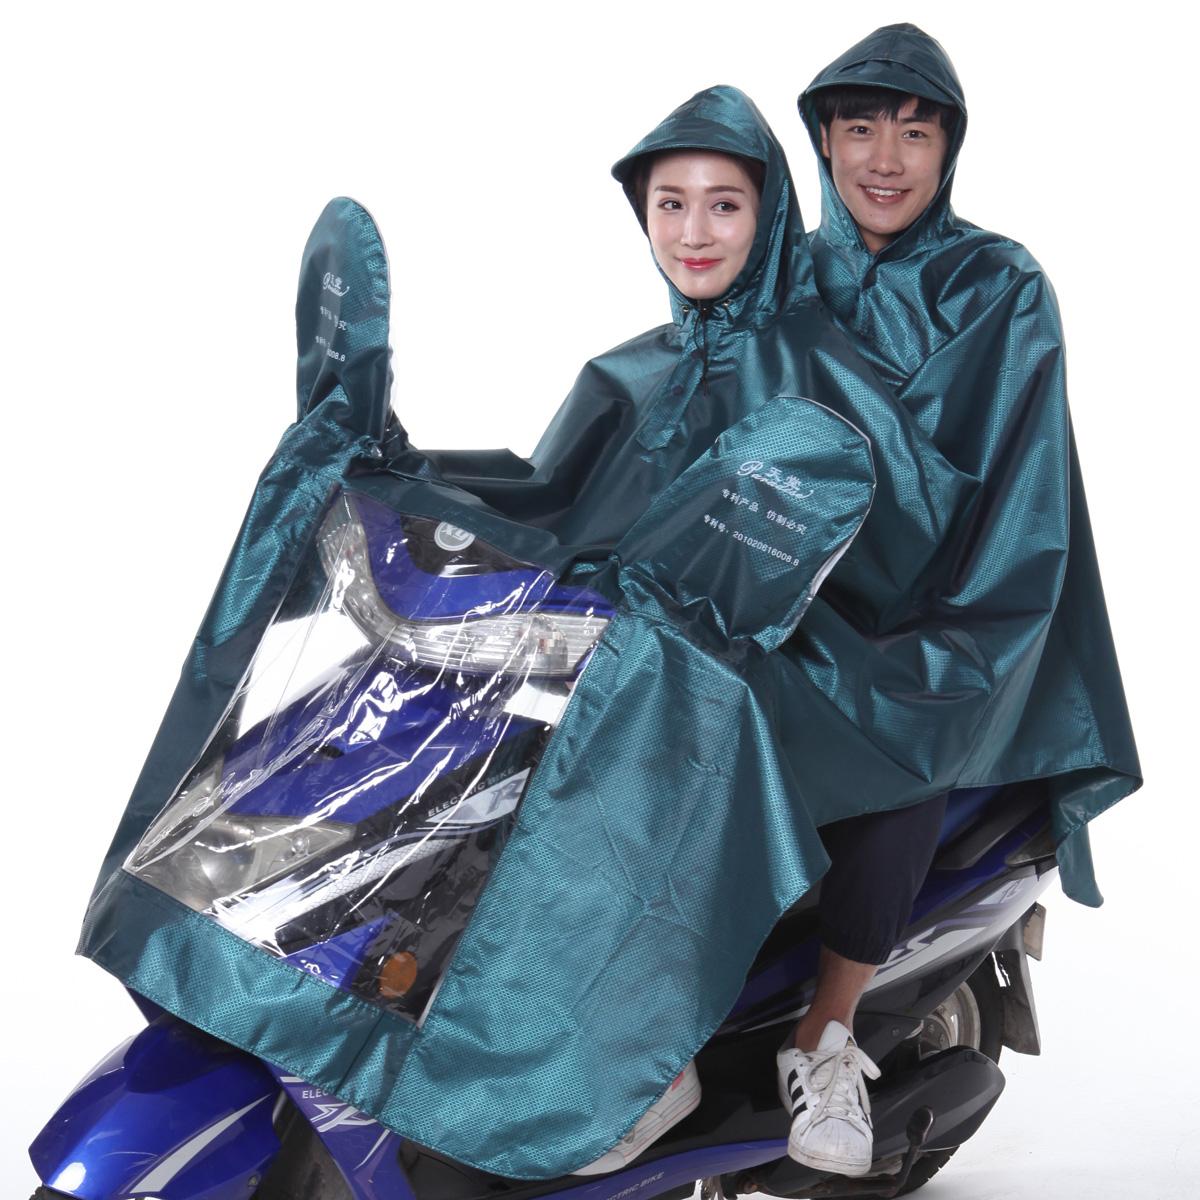 motor sepeda dengan lengan jas hujan mobil listrik ponco (Mutiara dengan lengan .